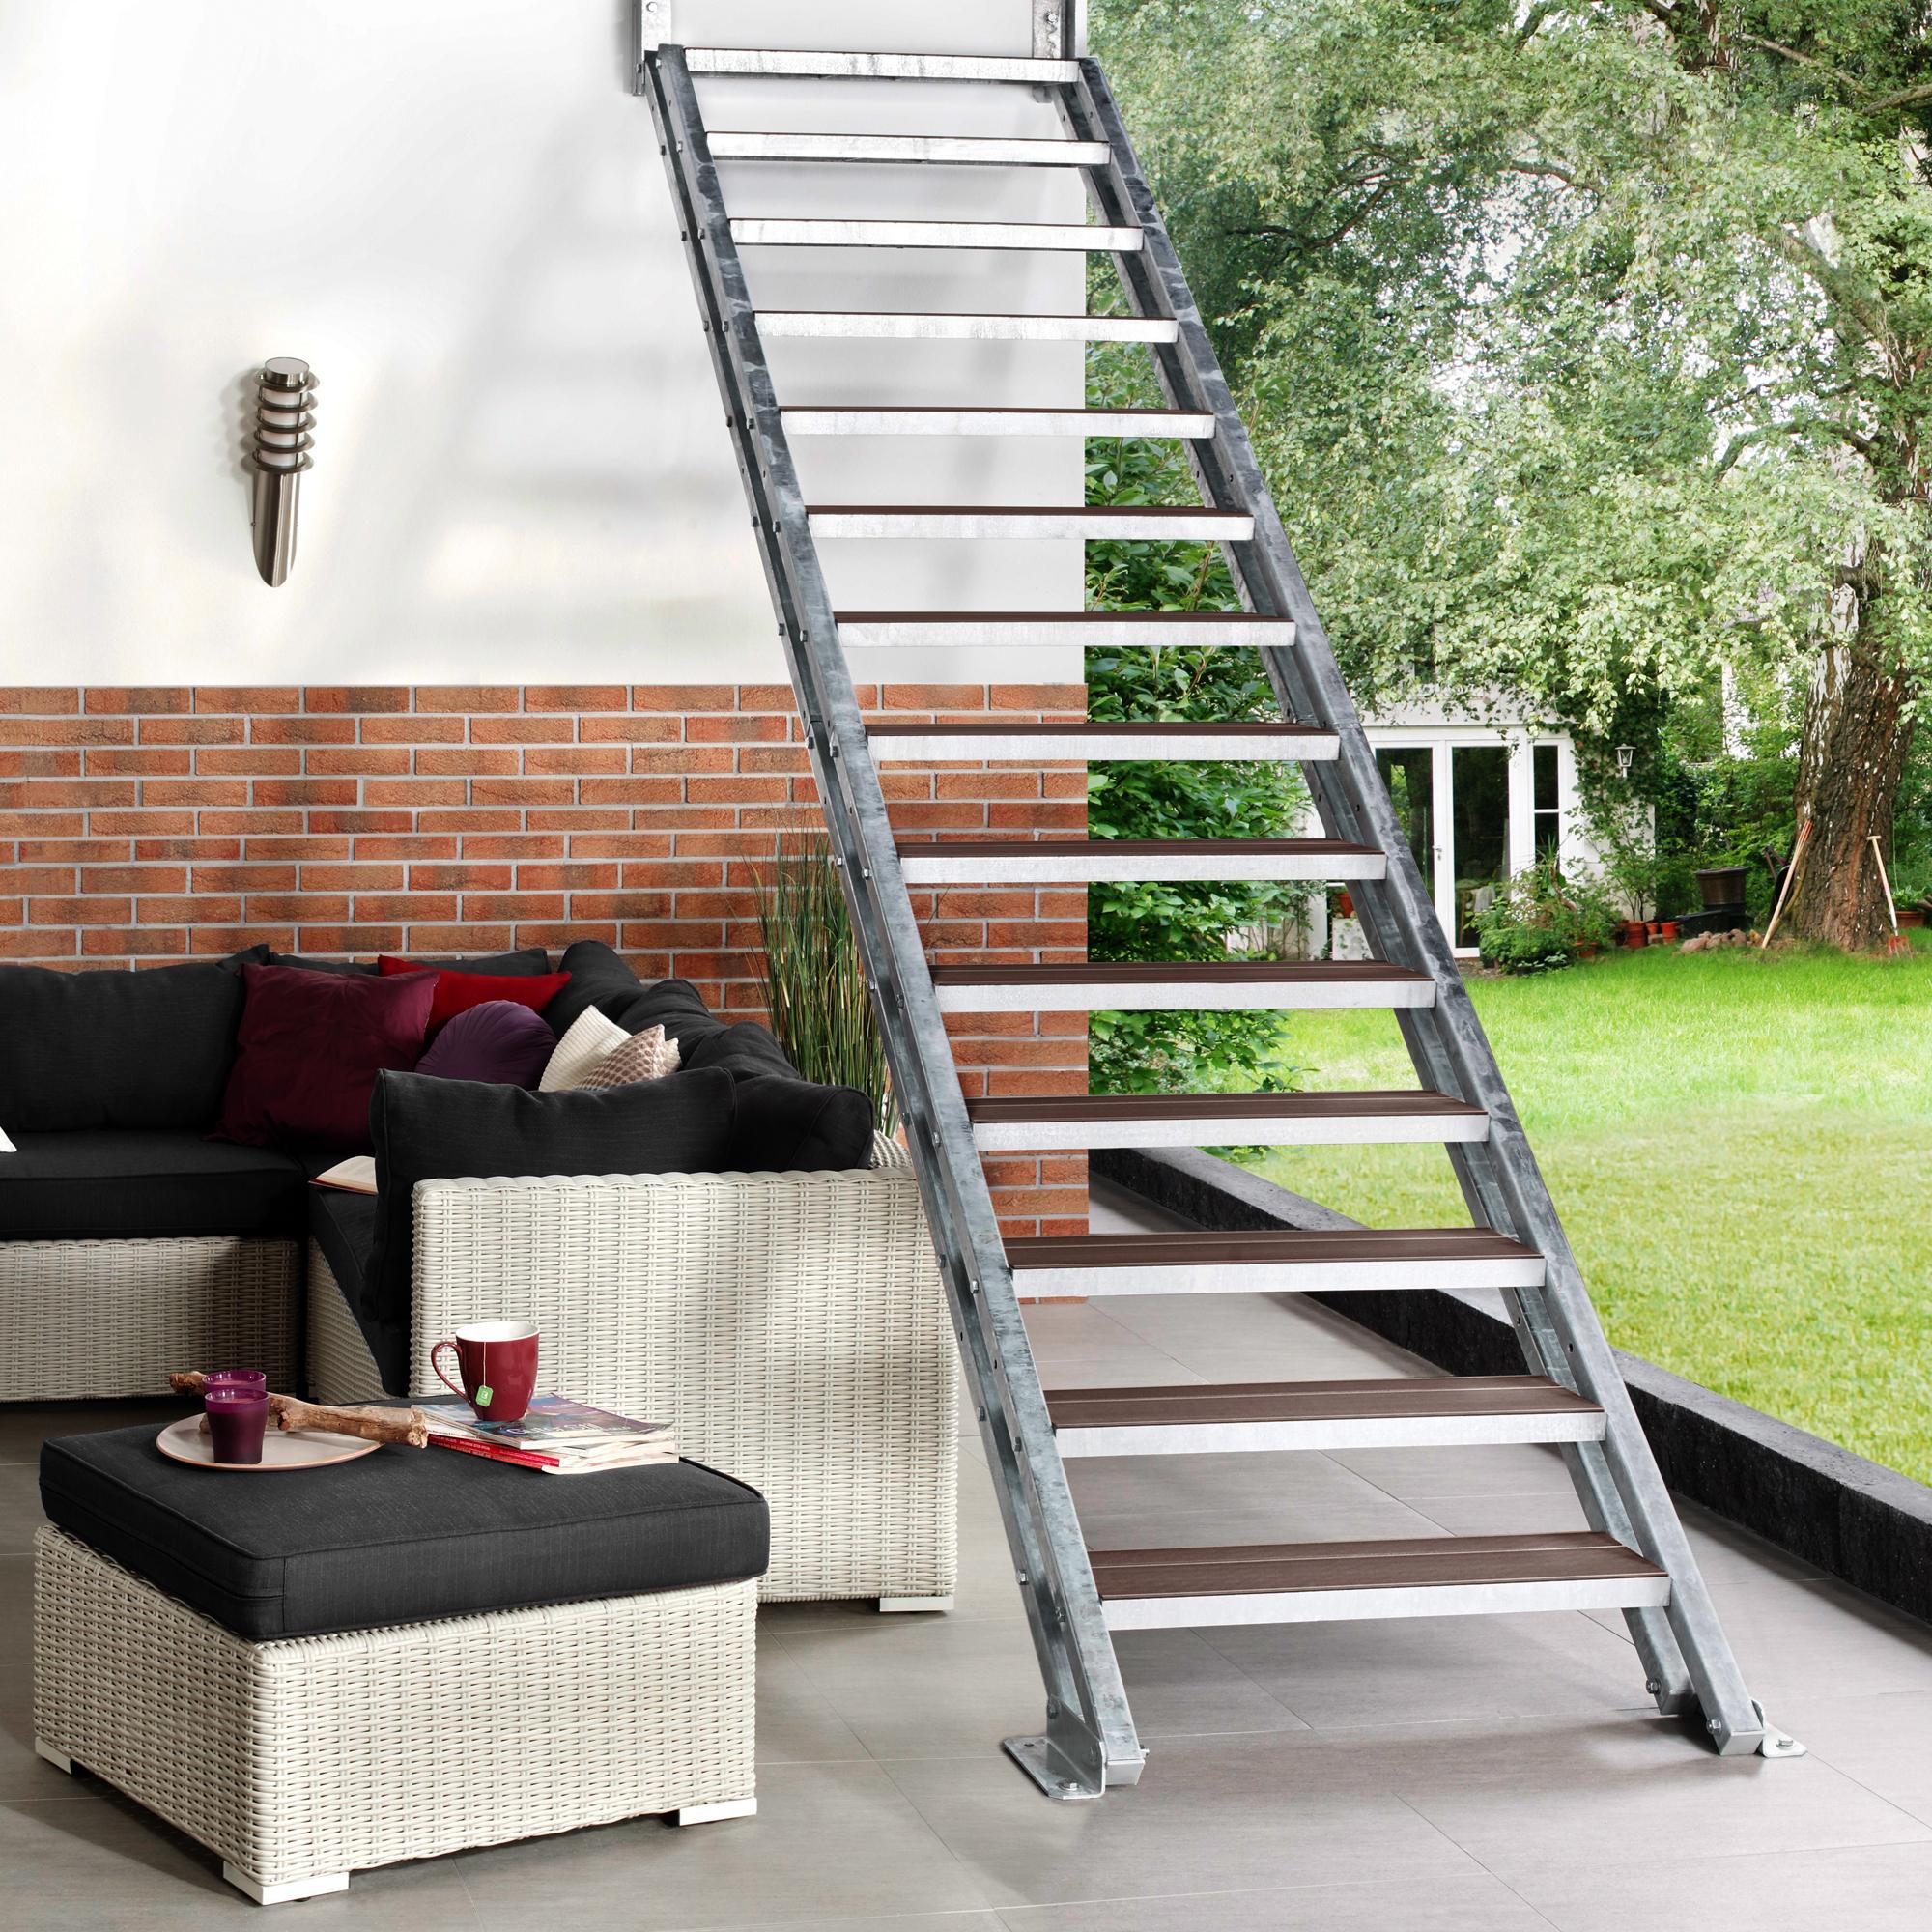 au entreppe verzinkt als bausatz mit verstellbarer neigung. Black Bedroom Furniture Sets. Home Design Ideas